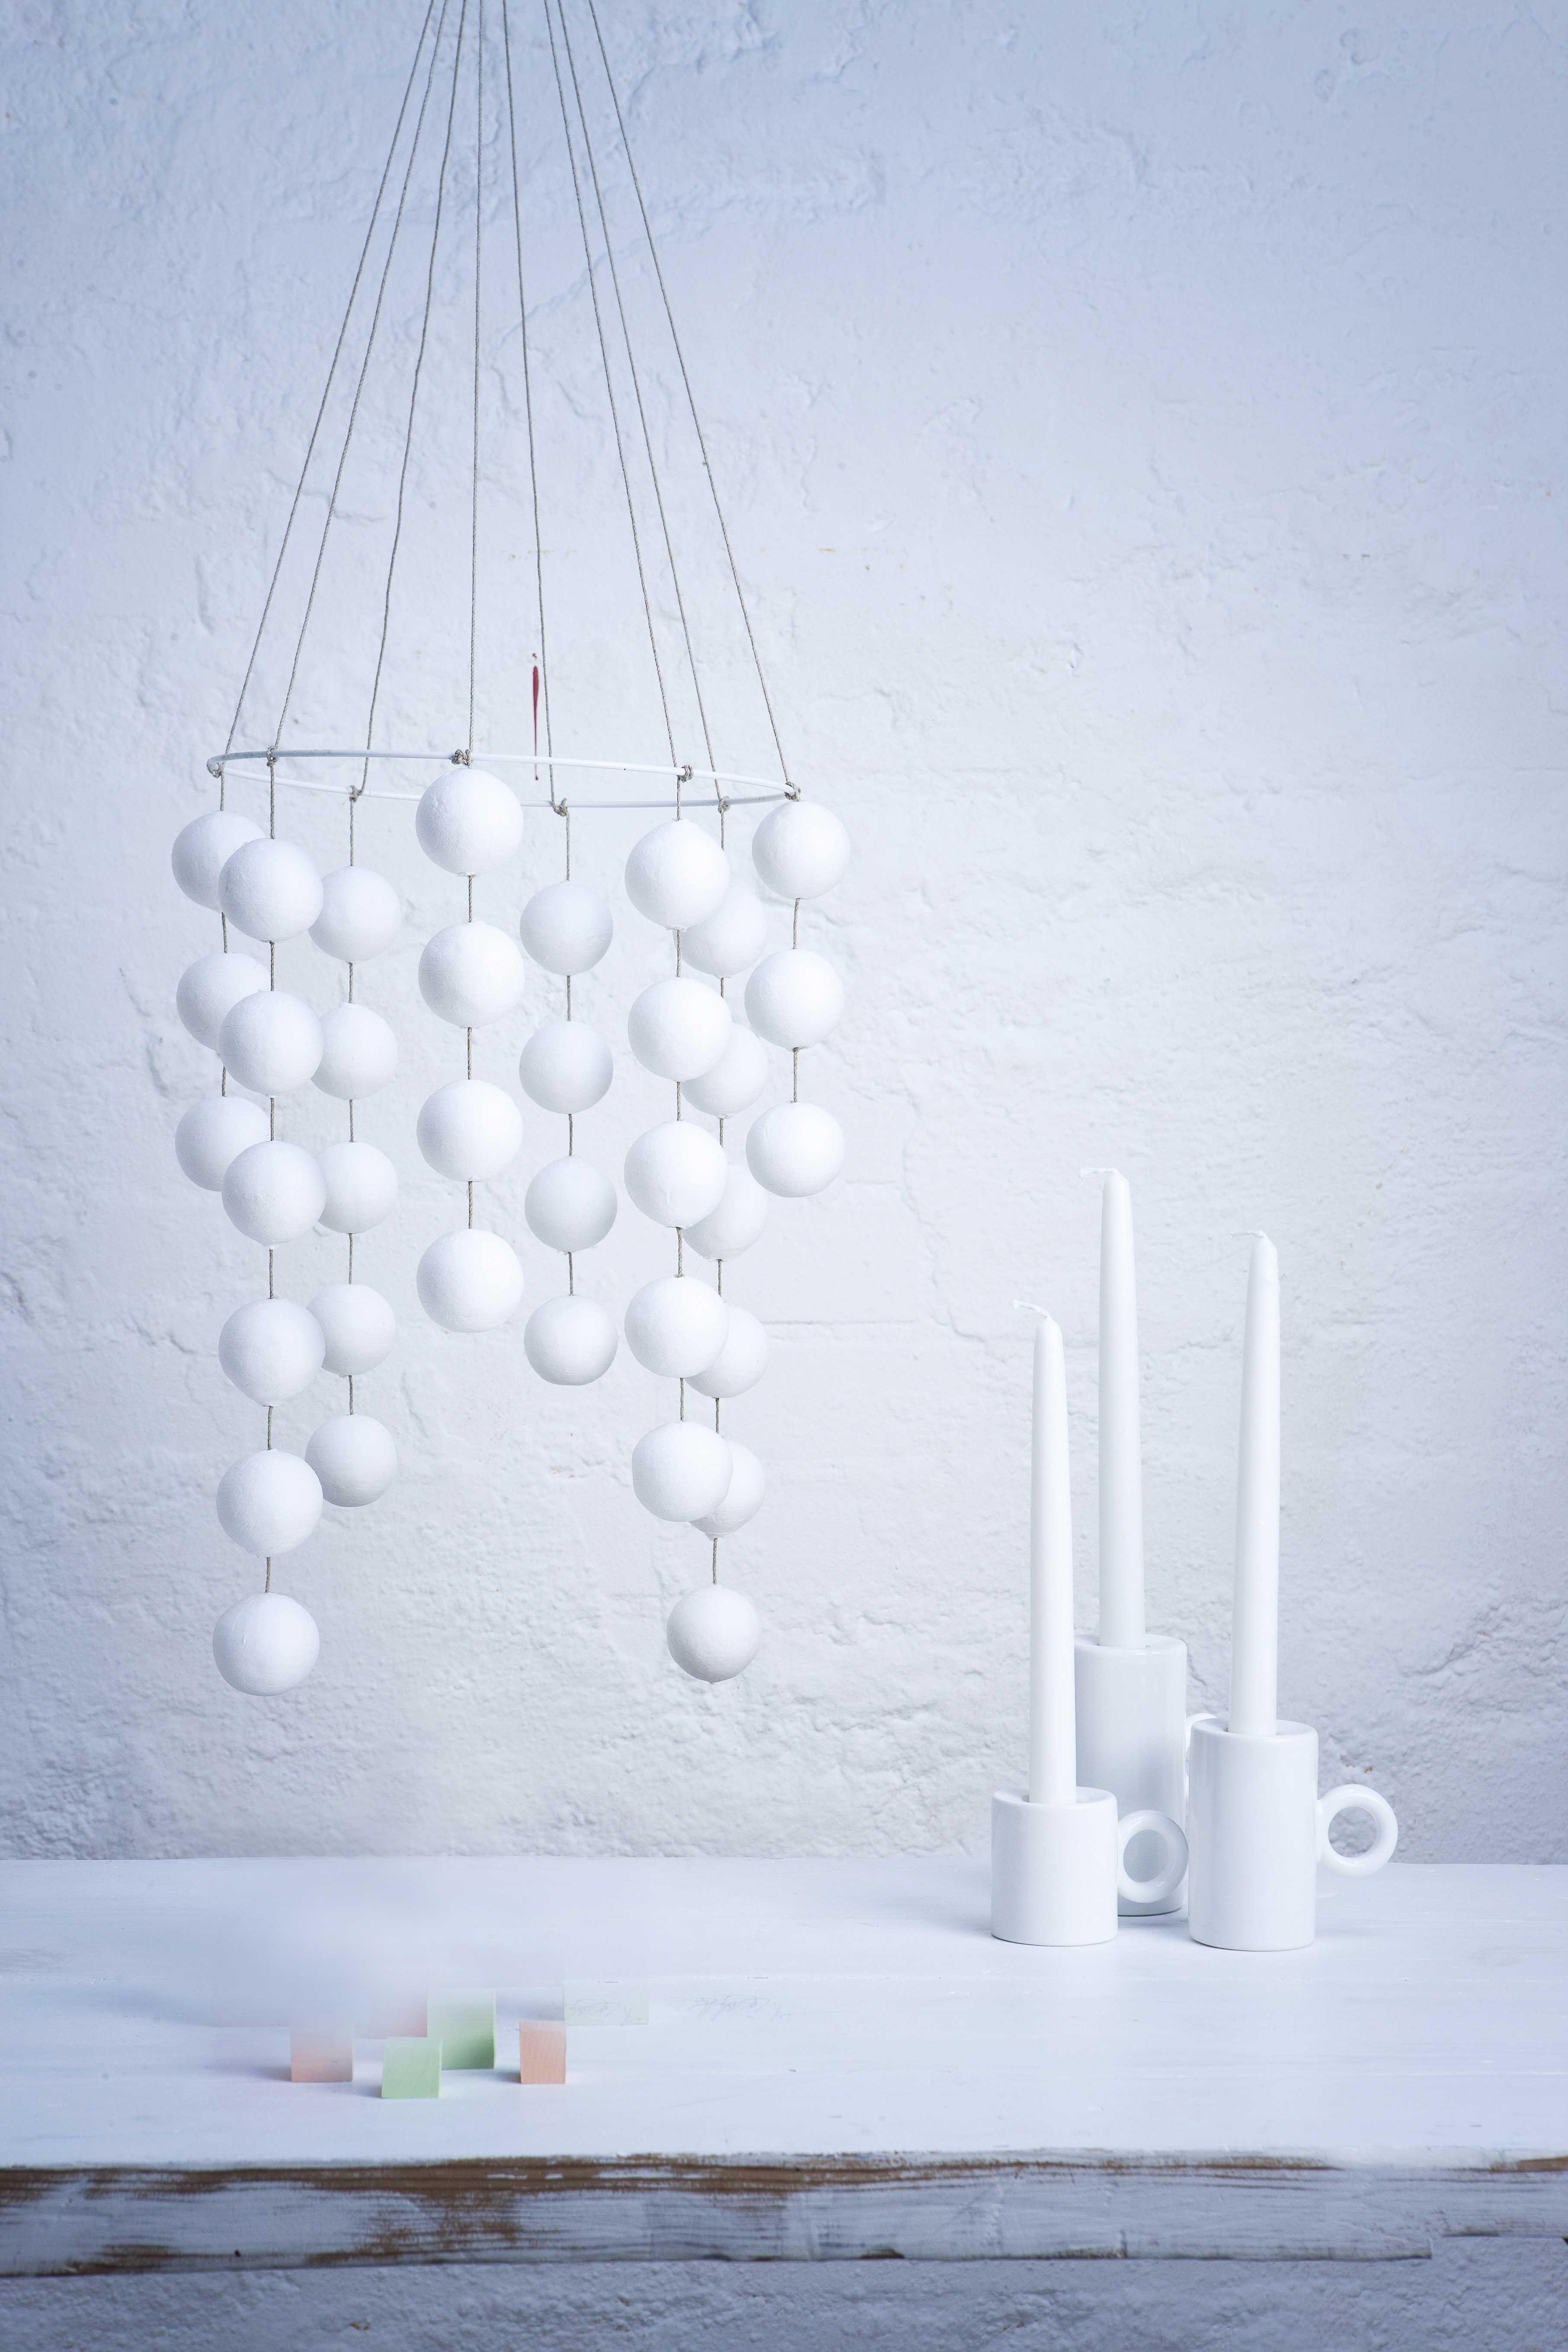 Askartelukaupoissa myytävistä valkoisista massapalloista syntyy pelkistetty himmeli moderniin kotiin.